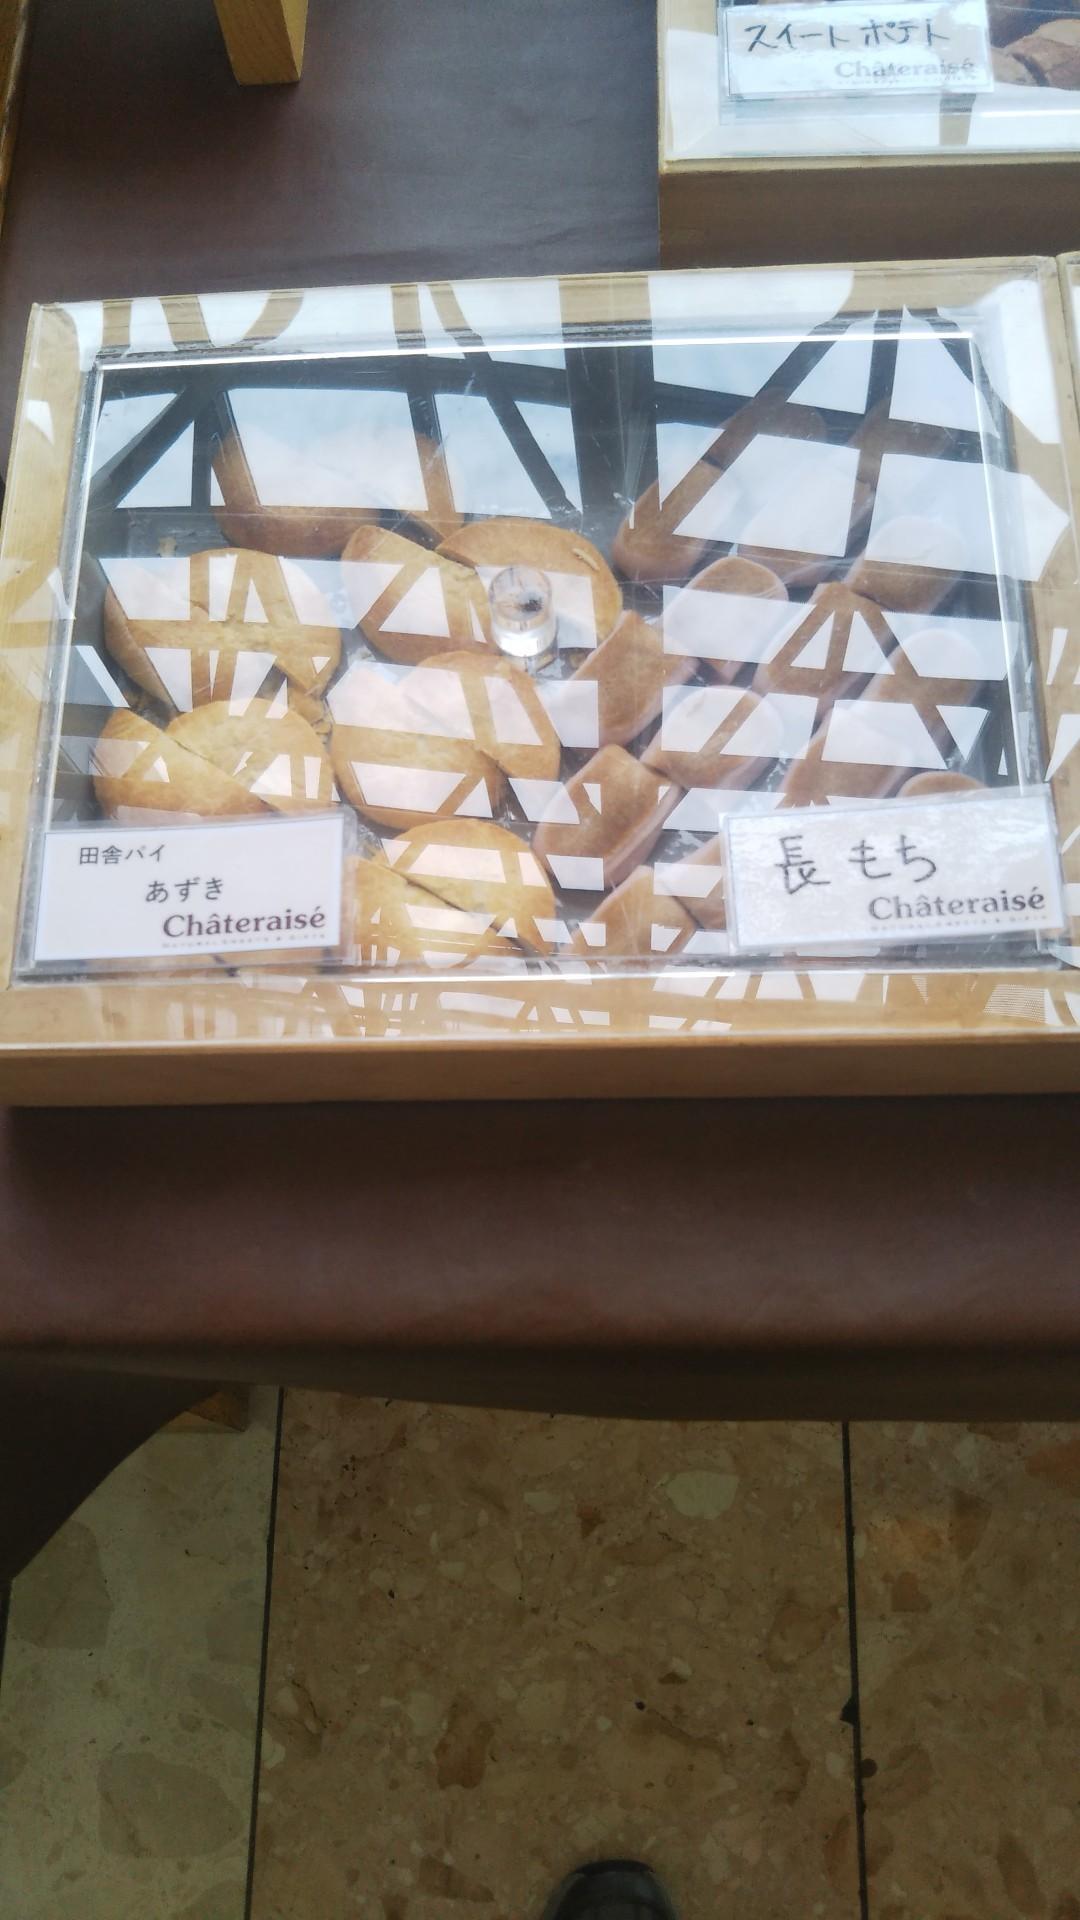 シャトレーゼ ガトーキングダムサッポロ ヴィーニュ Dessert Buffet~夏のべジスイーツフェア~_f0076001_23433502.jpg